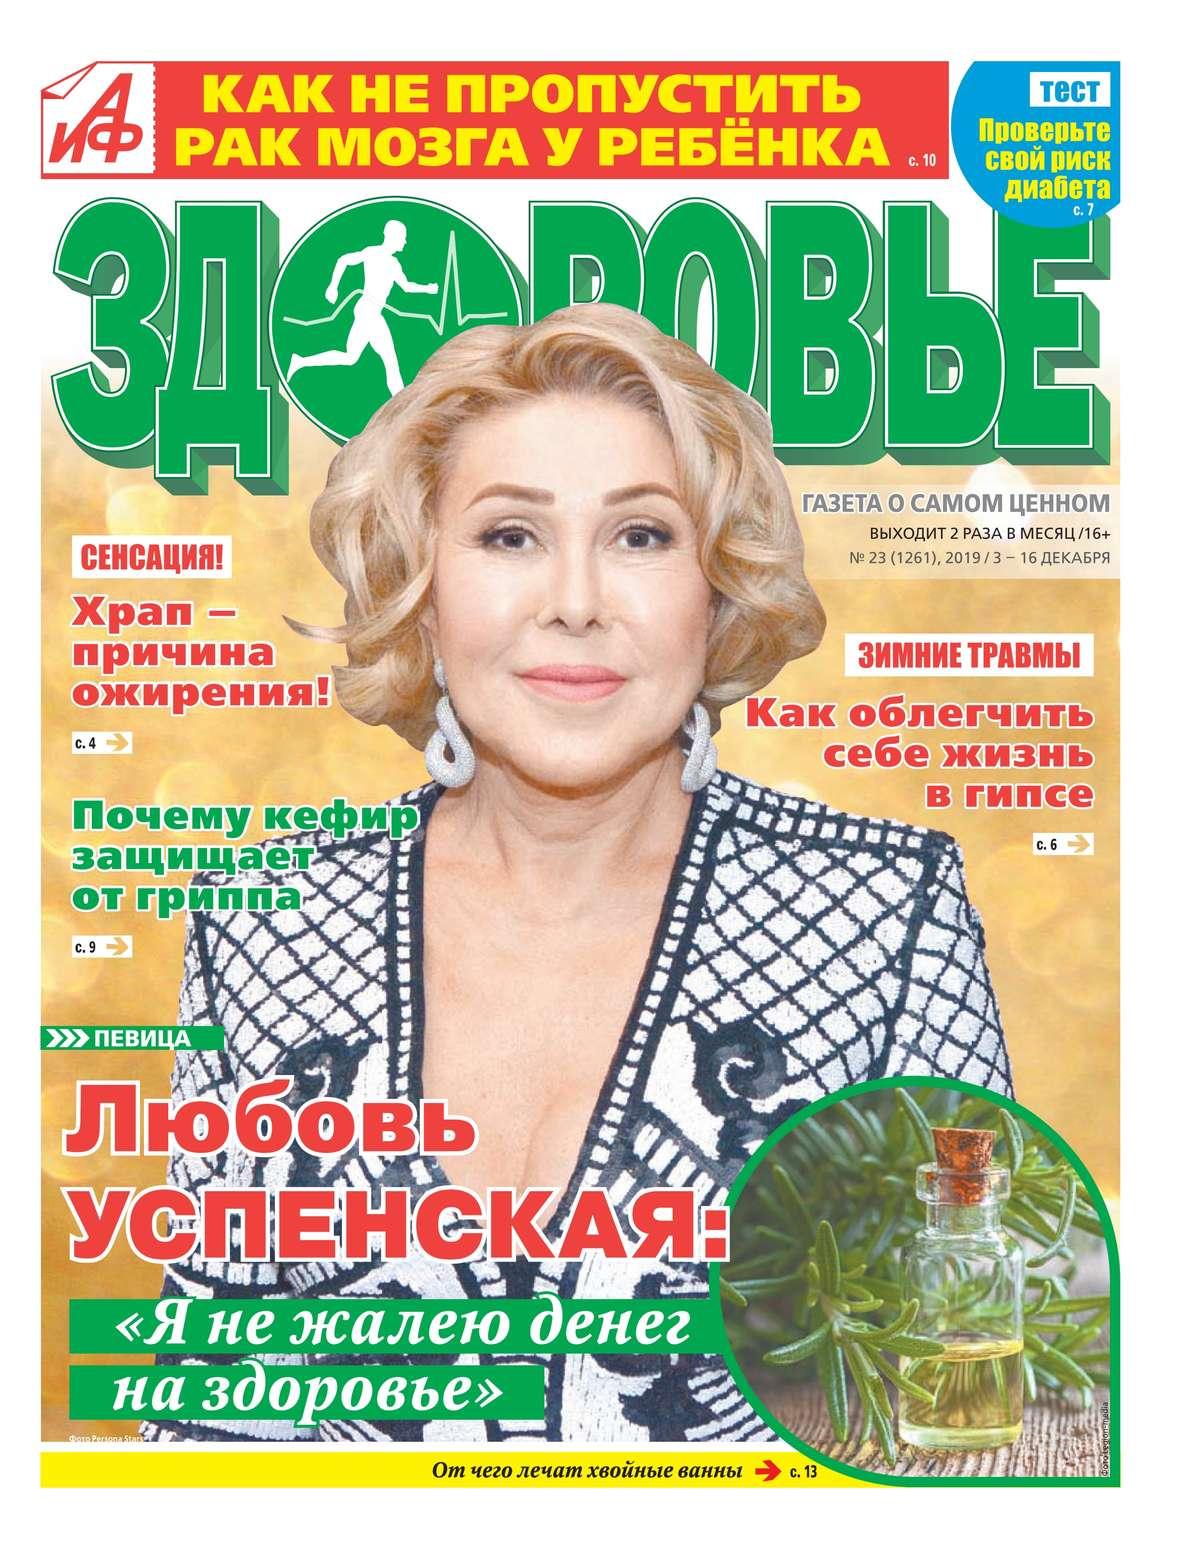 Редакция газеты Аиф. Здоровье / Аиф. Здоровье 23-2019